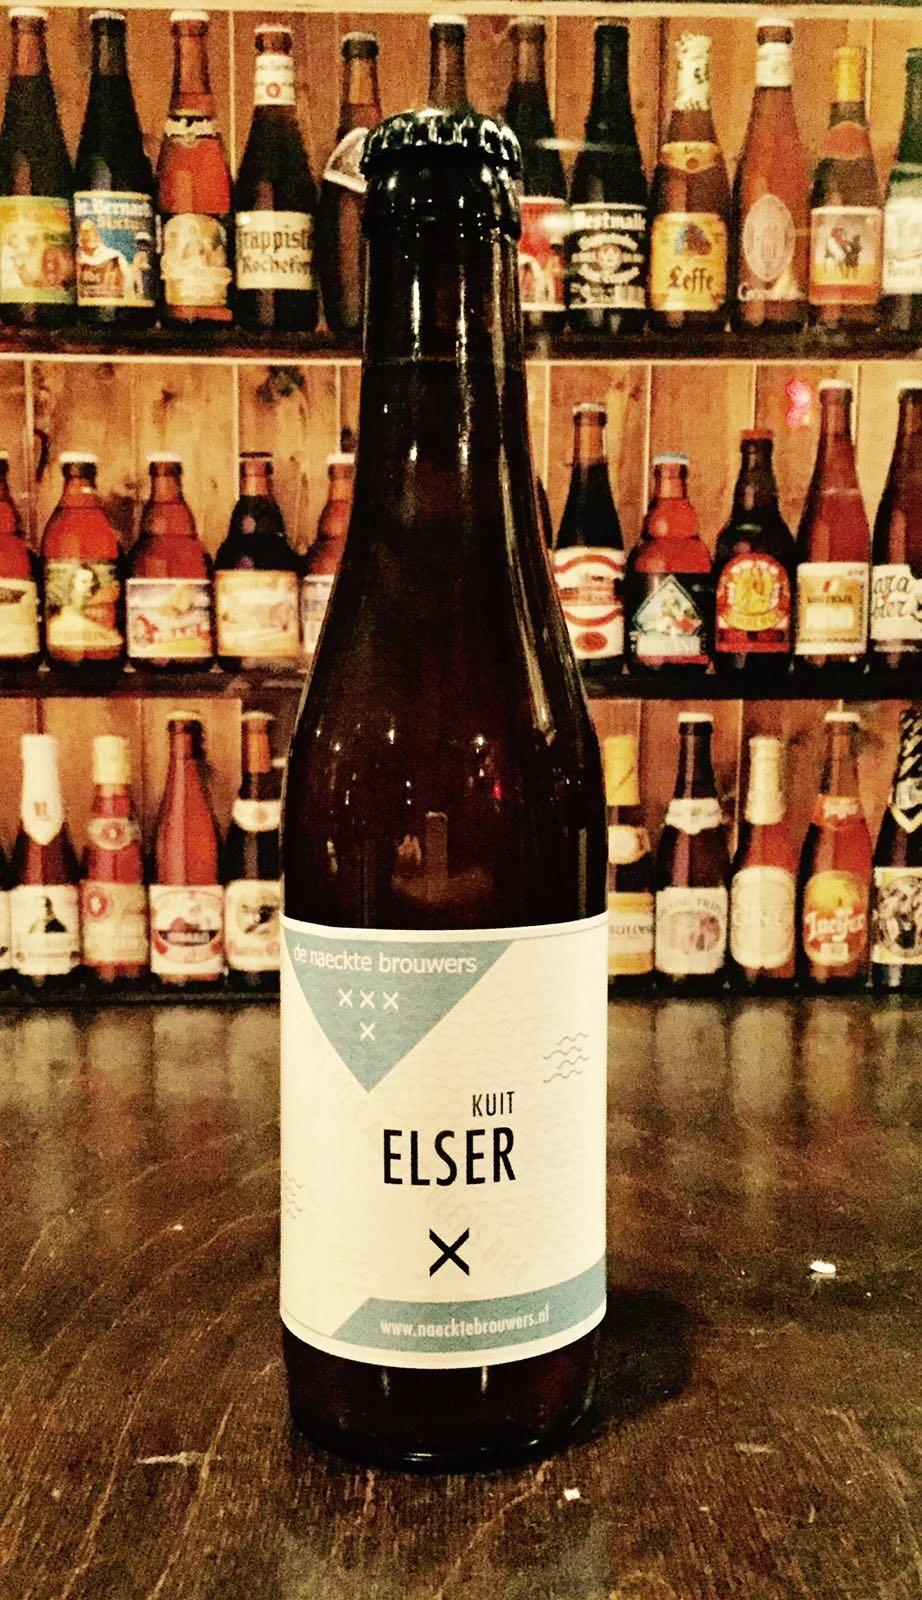 Elser Kuit Herkomst: Amsterdam, Nederland Een fris bier van brouwerij de Naeckte Brouwers. Als je je ogen sluit en ruikt aan dit bier lijkt het alsof je boven een pan hangt waarin spitskool wordt gekookt. Echter in de smaak is een mooi blond bier aanwezig. Citrus en grasachtig bouquet. De smaak is be-ter dan de geur. Dit bier heeft in 2016 een gouden medaille gewonnen bij de Dutch Beer Challenge. Kuitbier is gebrouwen met hop en haver- tarwe en gerstemout. Dit biertype heeft die ingrediënten in verhouding 3-2-1. Dit type bier werd vooral ge-brouwen in de 14e tot en met de 17e eeuw. Het bier bevat een alcoholpercentage van 5,5%. Advies serveertemperatuur 4 graden.